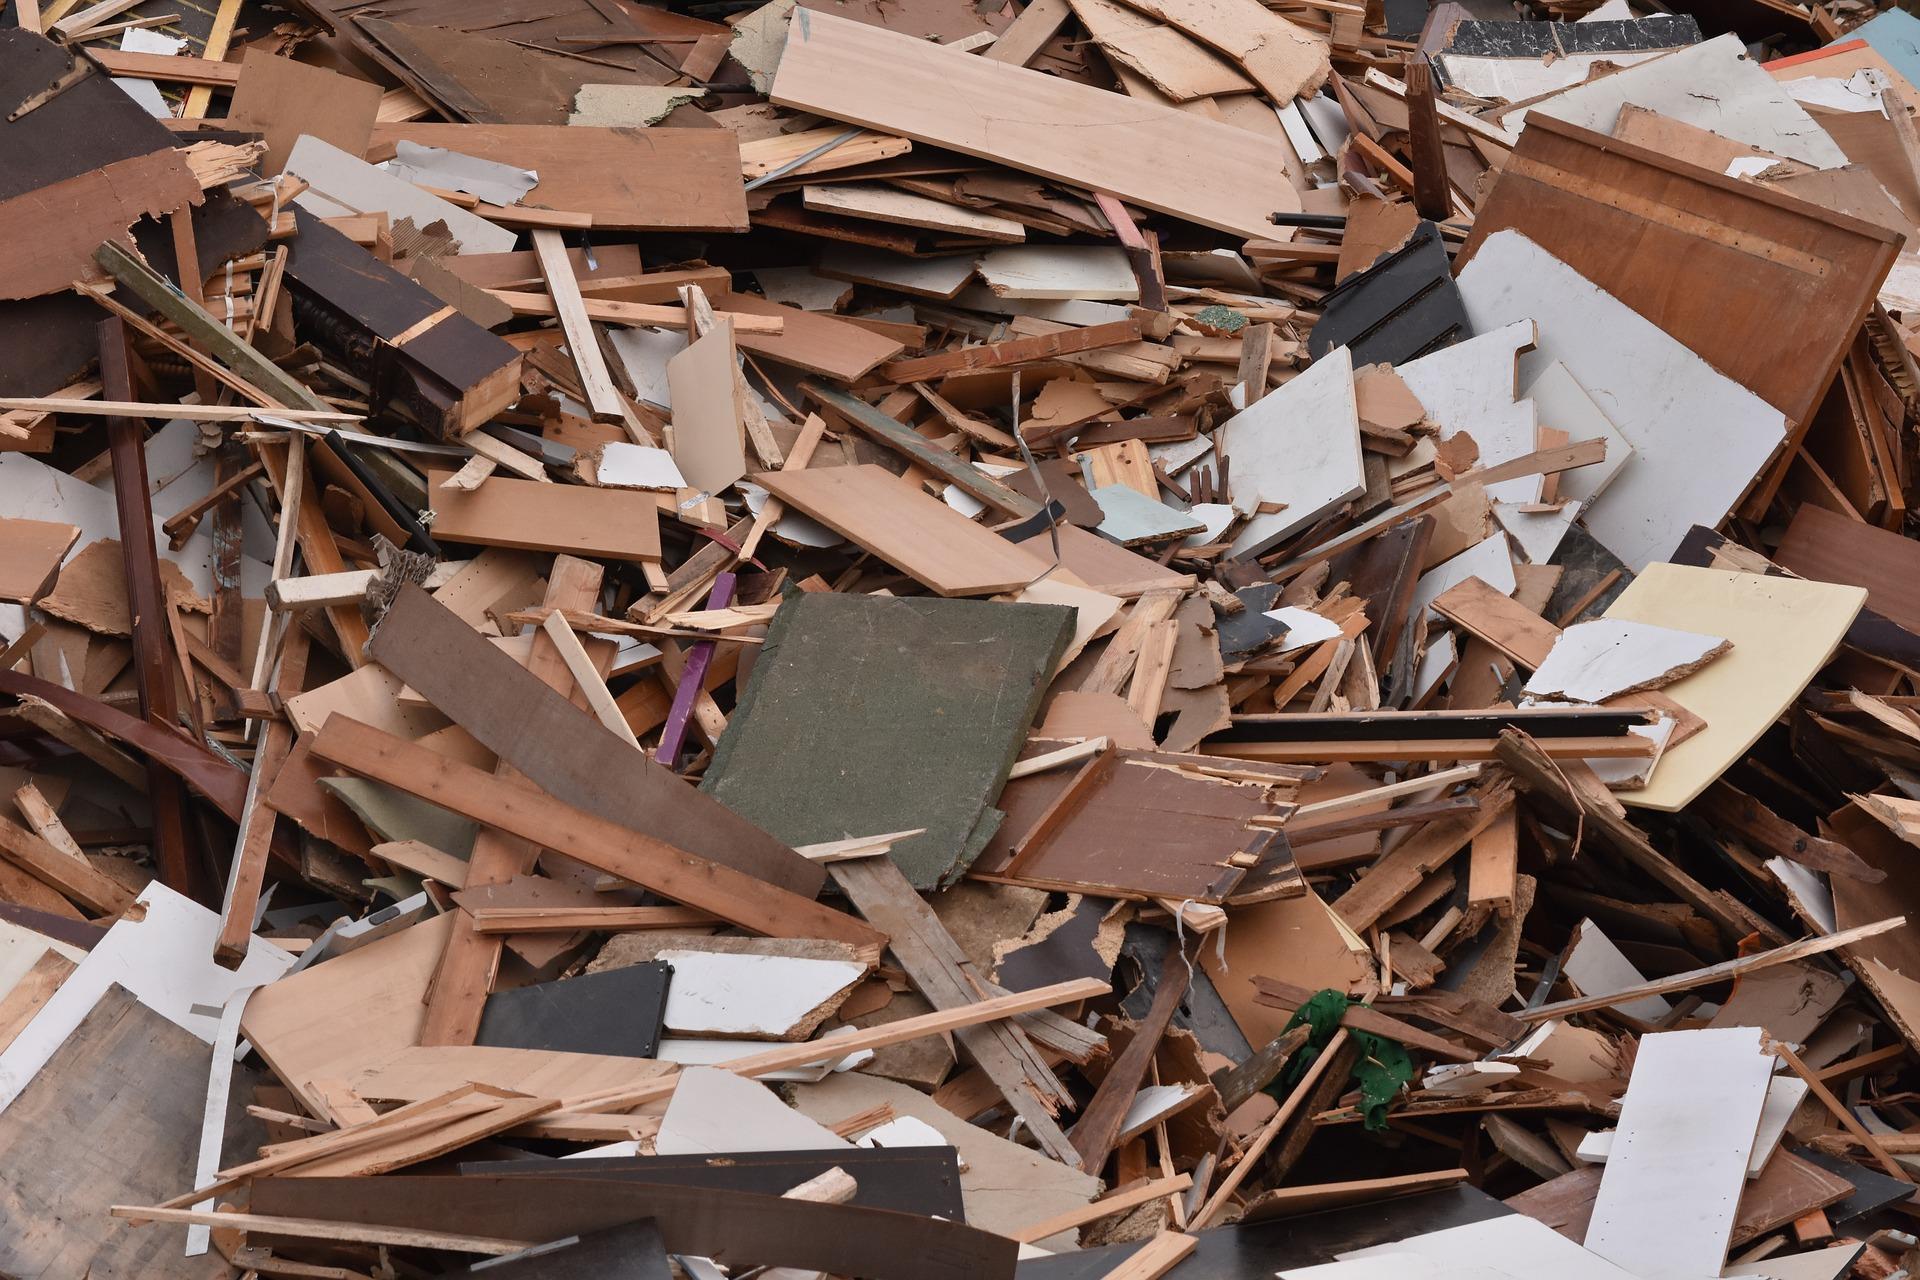 Kostenkalkulation bei der Abfallbeseitigung